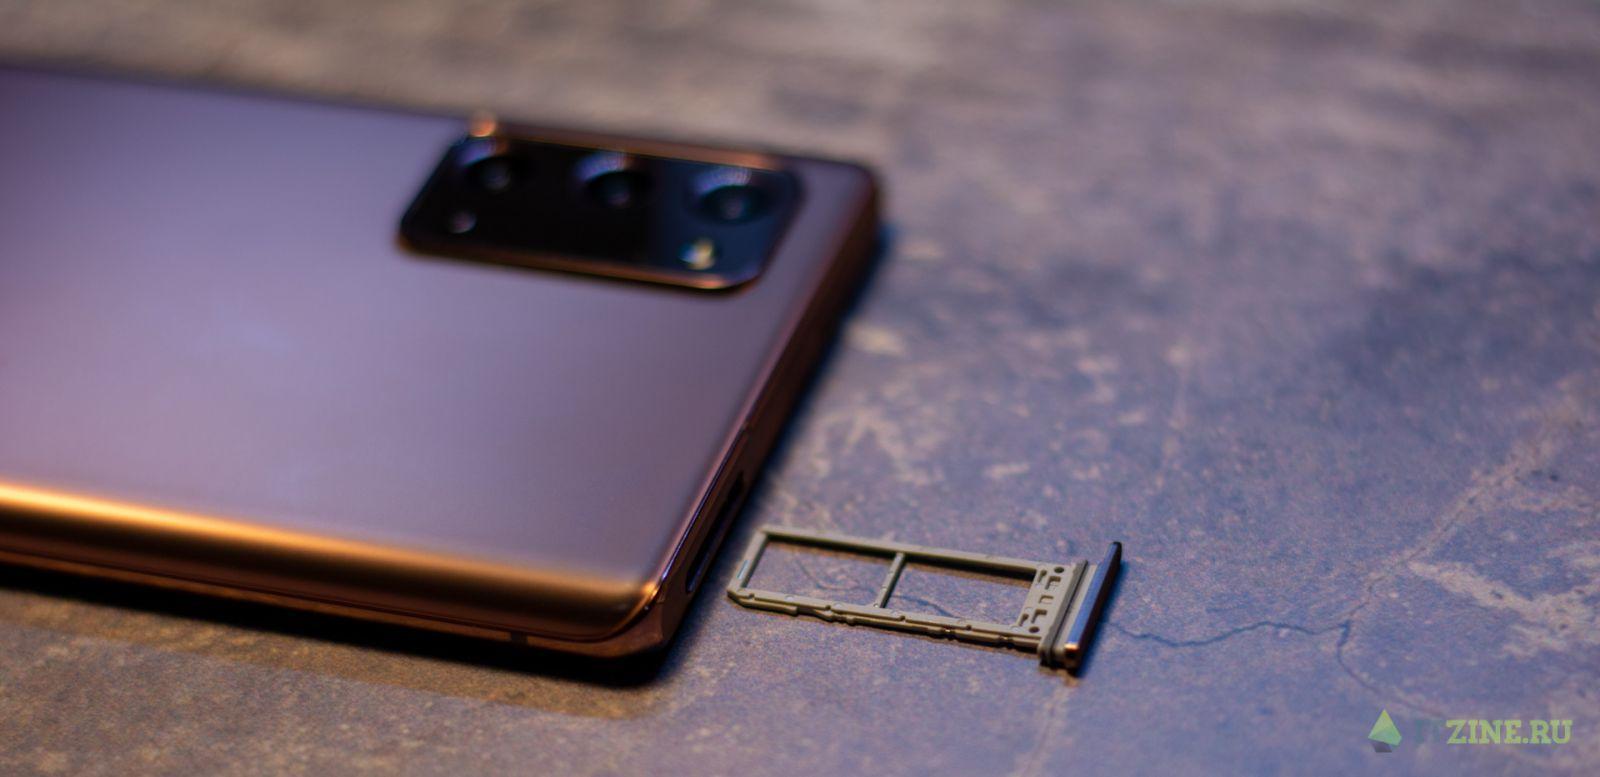 Сдвоенный (но не строенный) слот для SIM-карты и microSD в Samsung Galaxy Note20